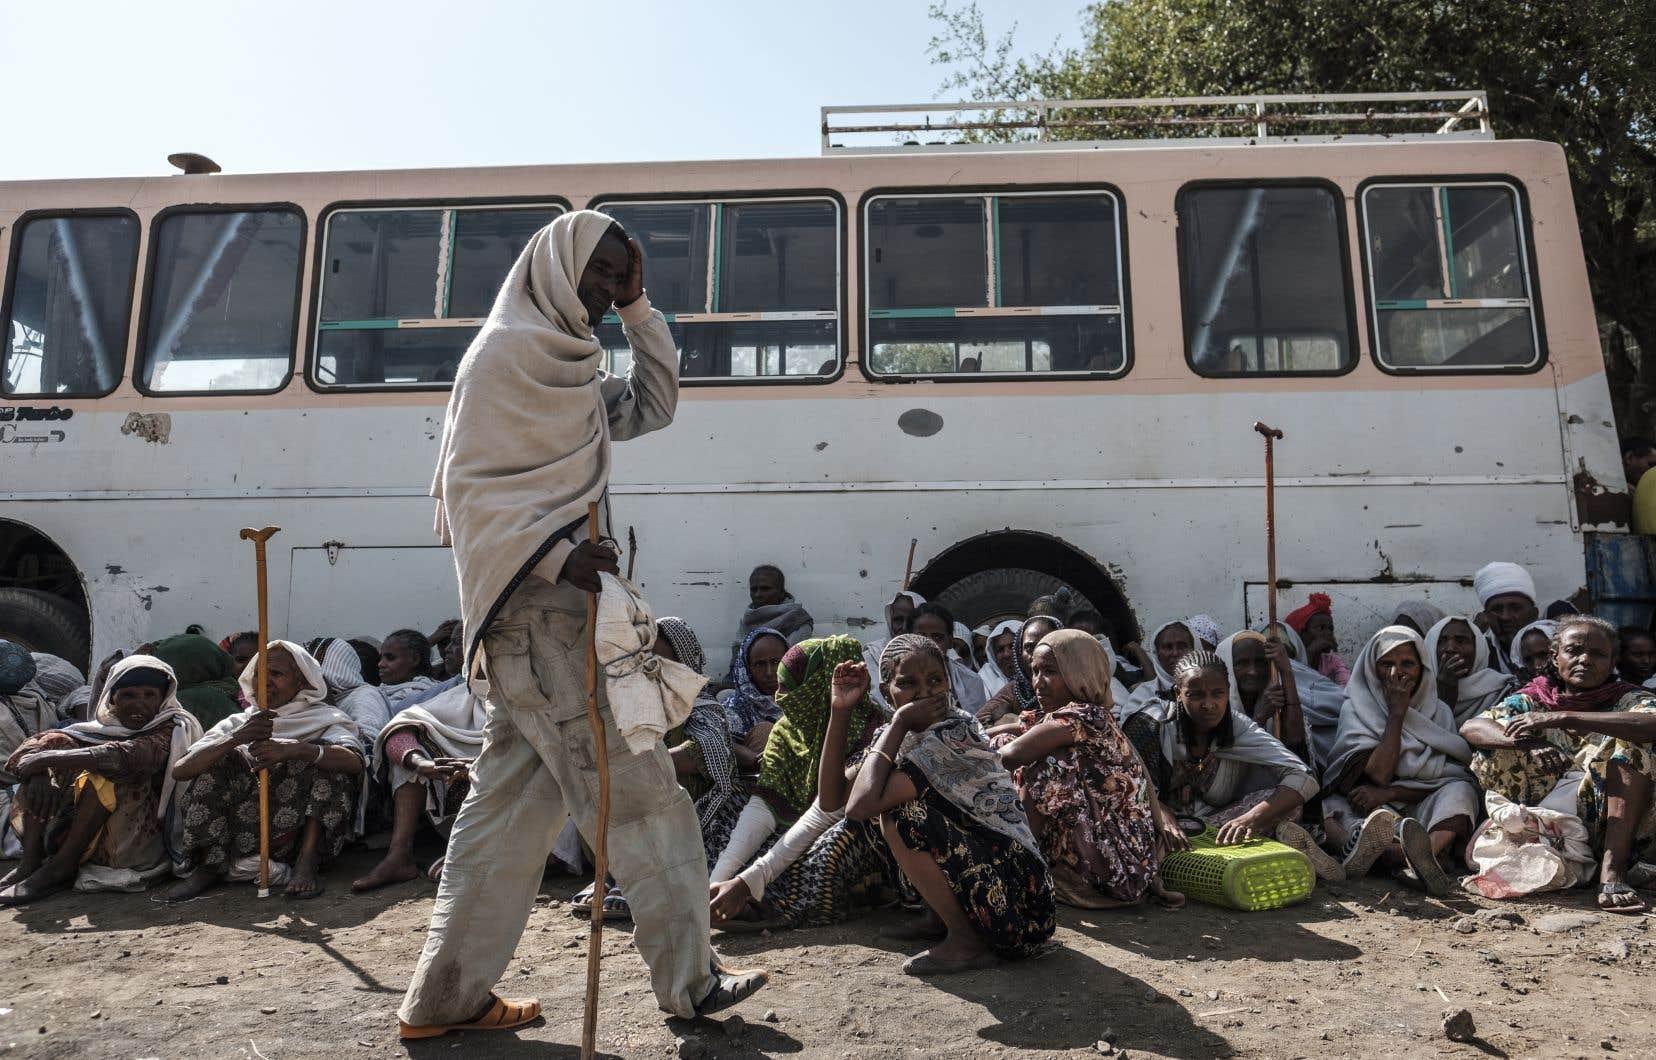 Les Nations unies s'inquiètent particulièrement de possibles exactions dans deux camps abritant plus de 30000 réfugiés érythréens, toujours inaccessibles.